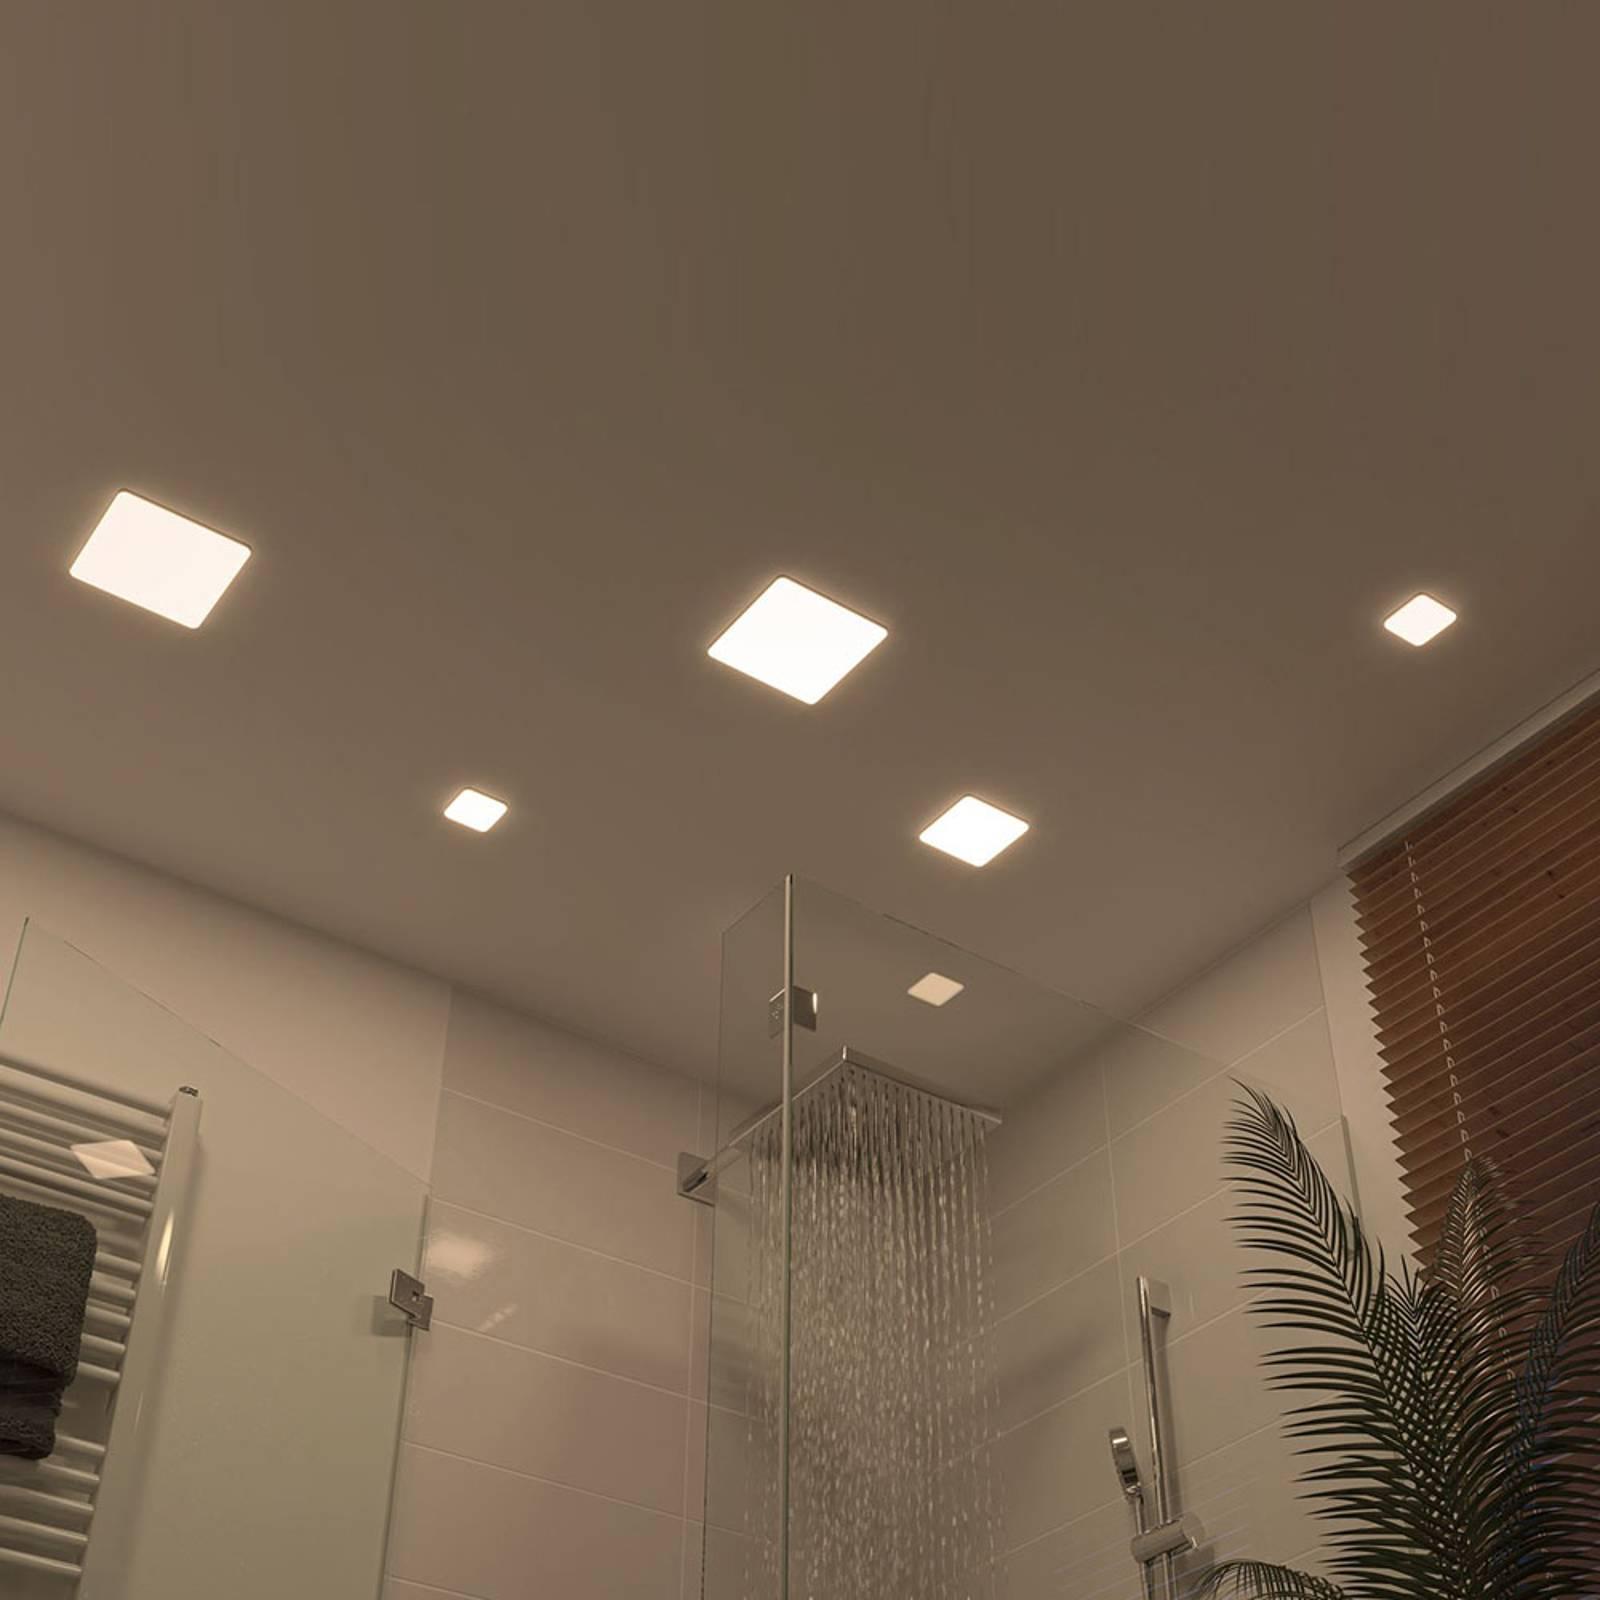 Paulmann Veluna -LED-uppovalo 4 000 K 7,5 x 7,5